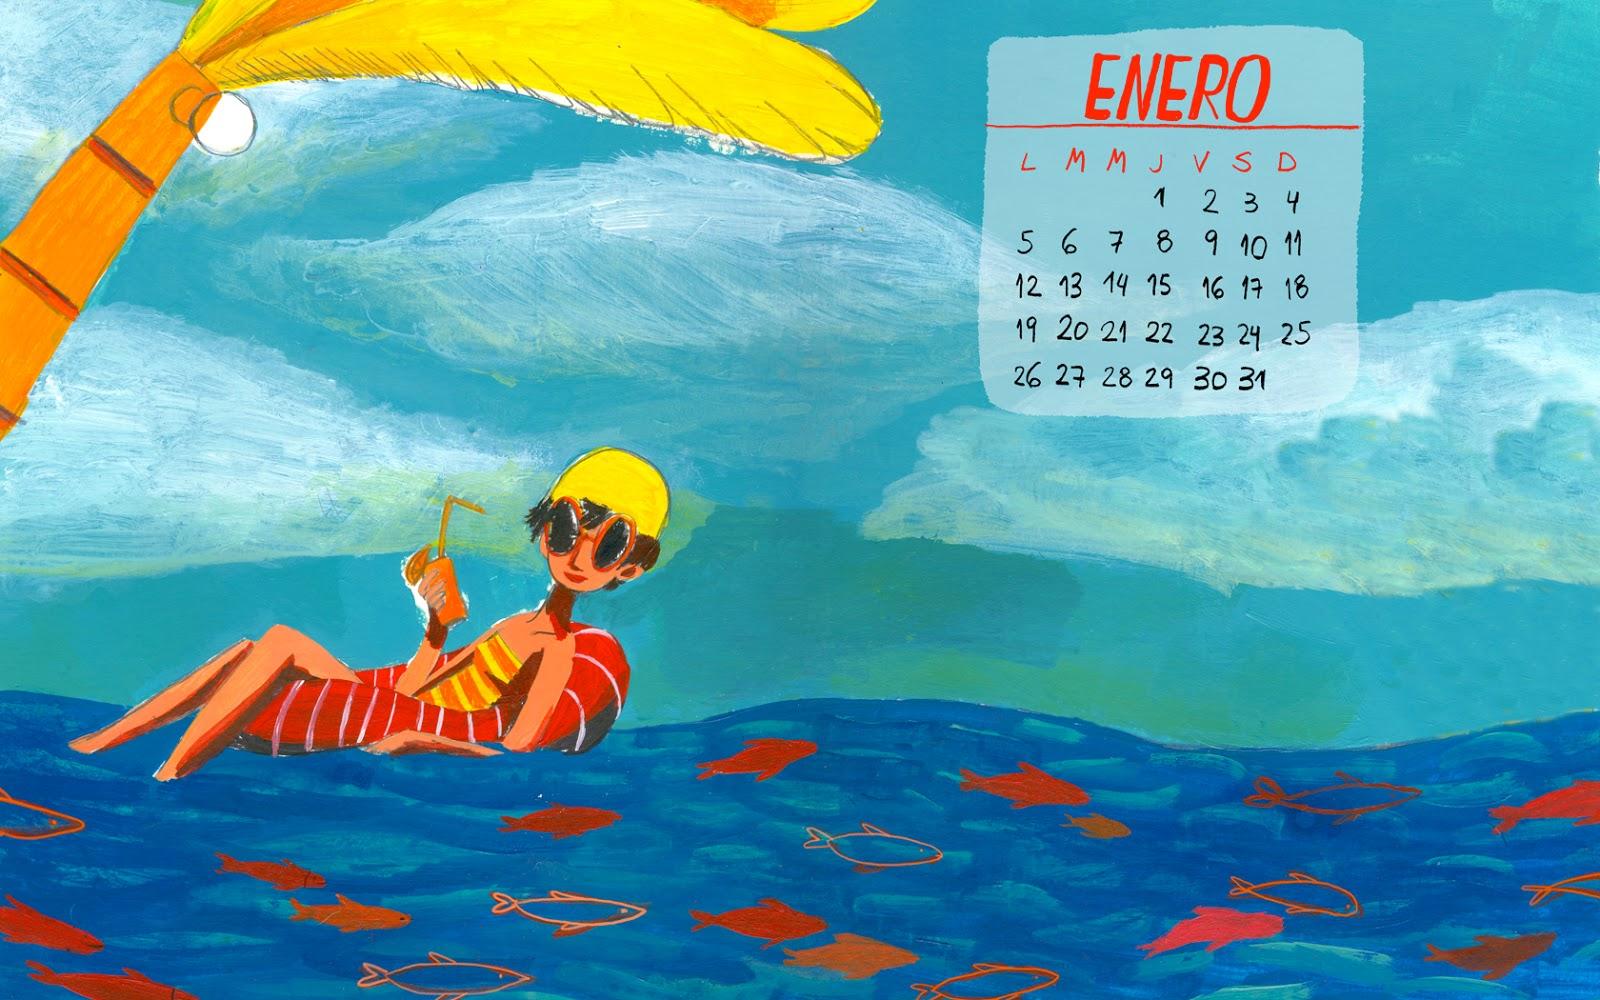 sole otero . la pelusa de los días: calendario wallpaper. enero 2015